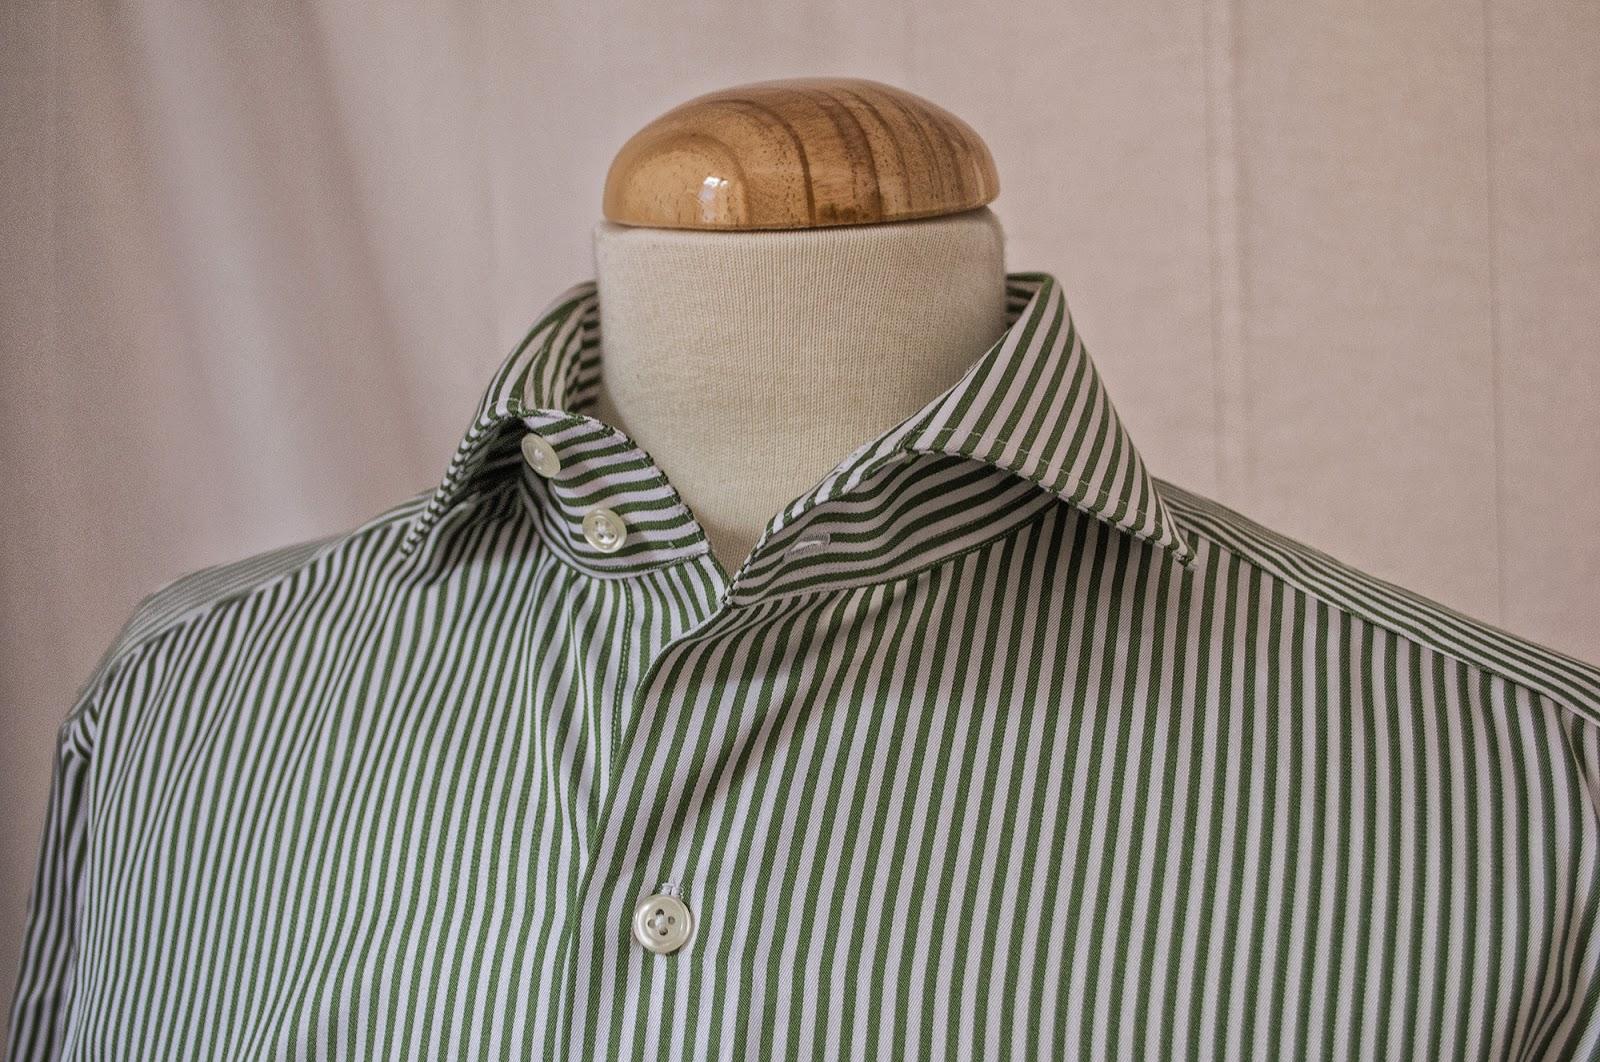 Proceso de Camisa a medida en Sastrería Langa. (Capítulo II)